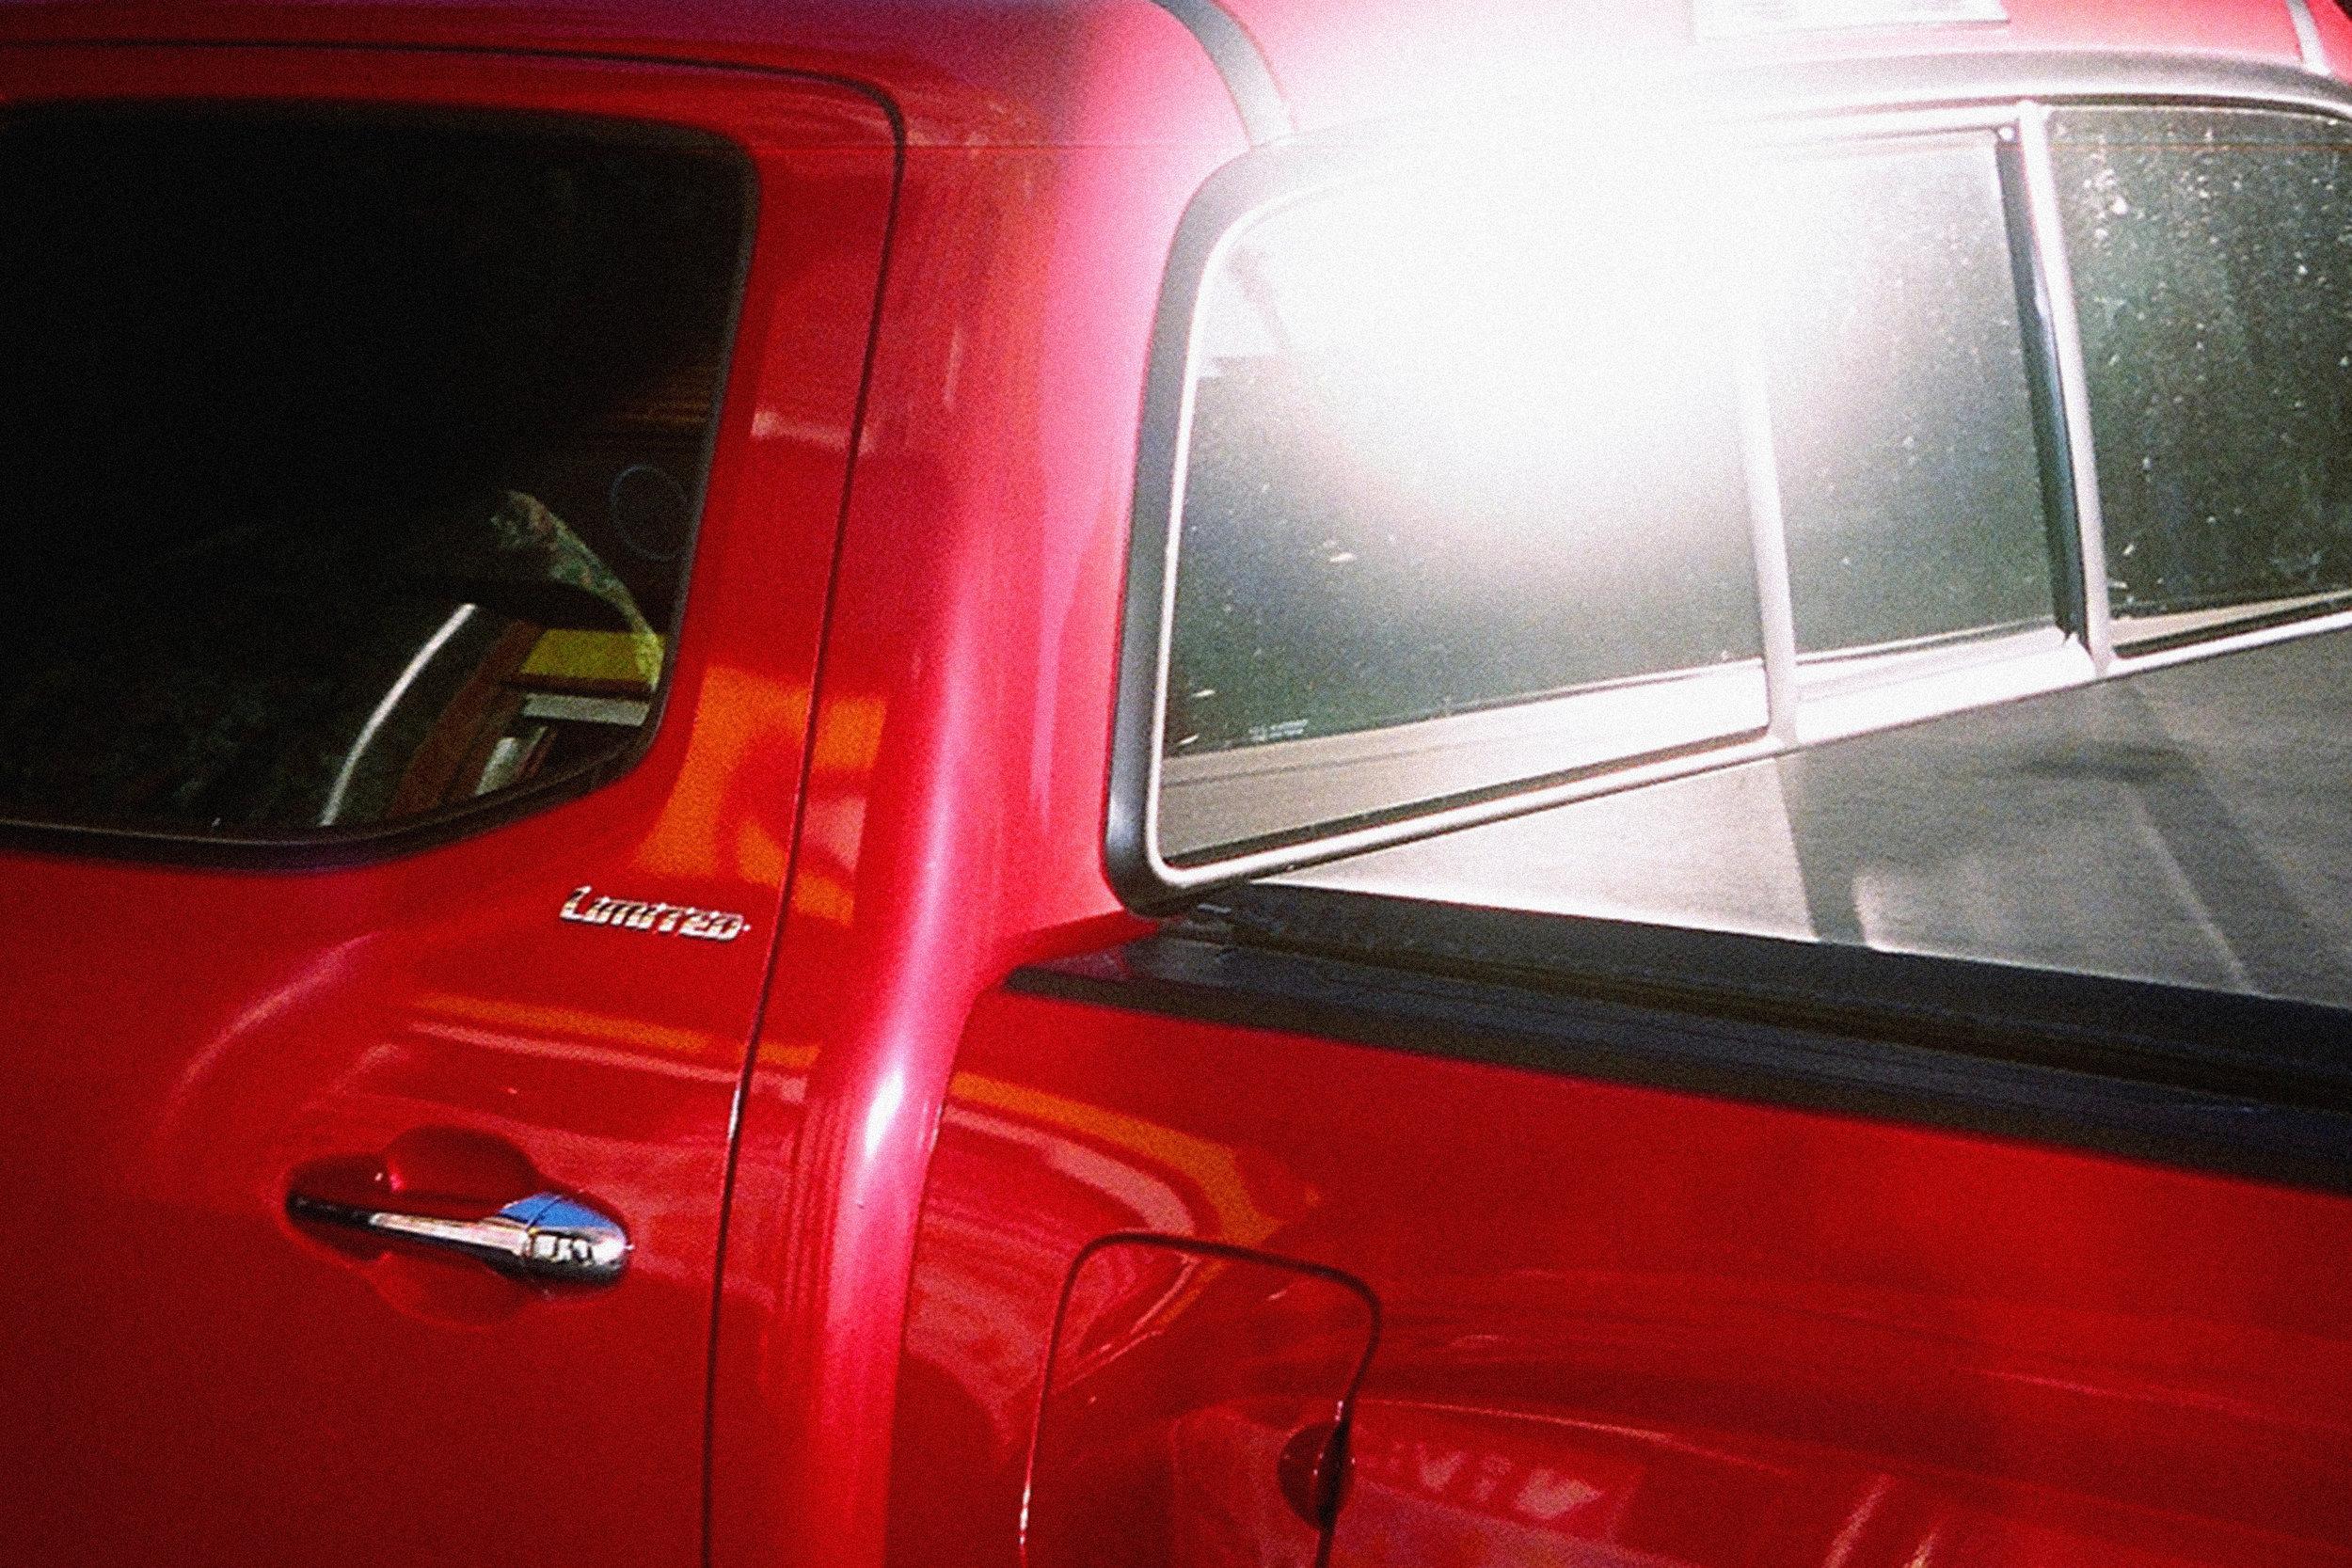 truck_2_10x15.jpg